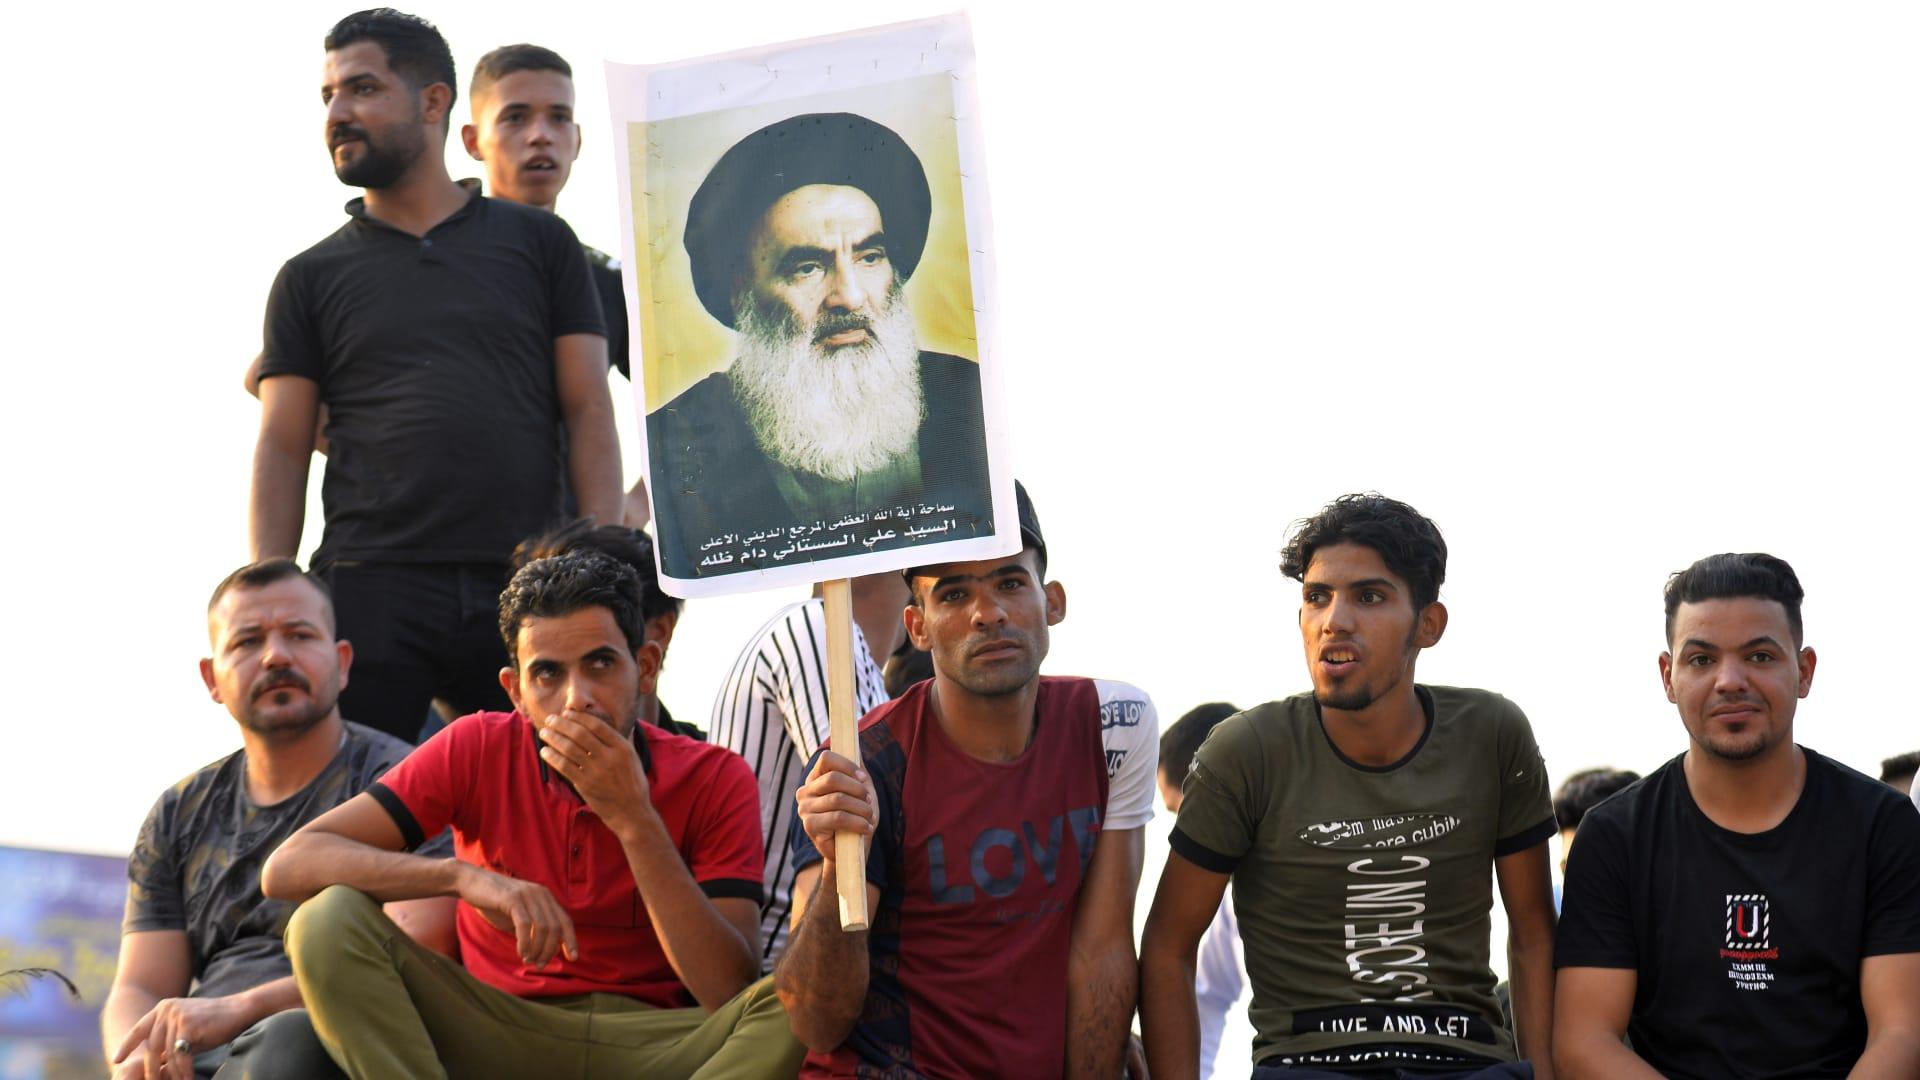 السيستاني: القوى السياسية بالعراق ليست جادة بما يكفي لإجراء إصلاحات